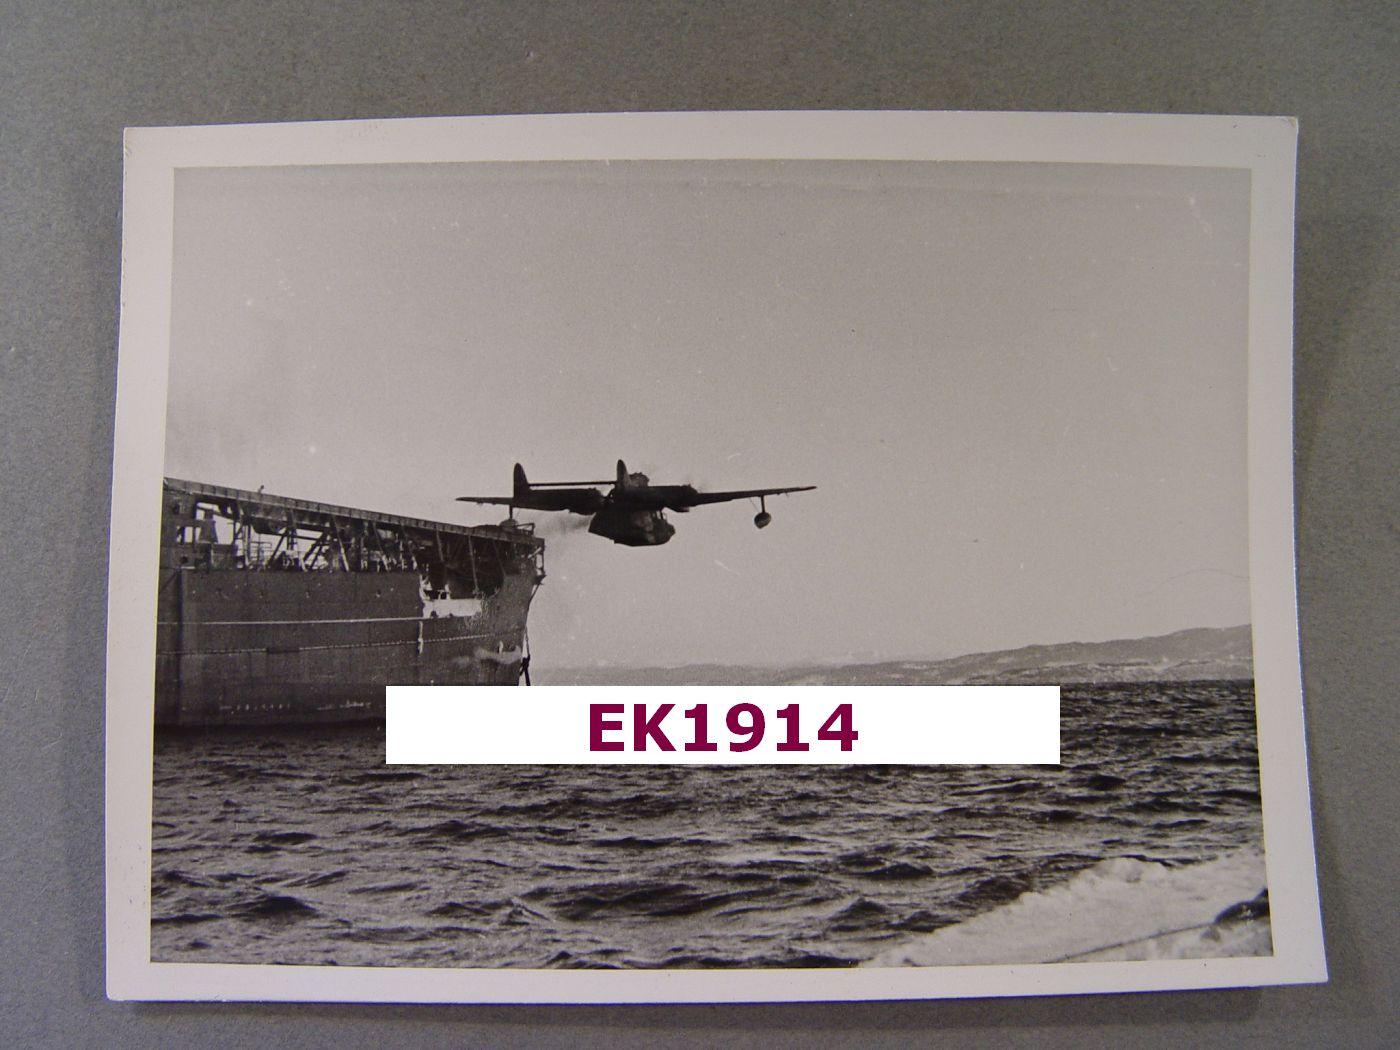 bv138_14_Katapultschiff Schleuderschiff Westfalen, BV-138, Norwegen Trondheim.JPG